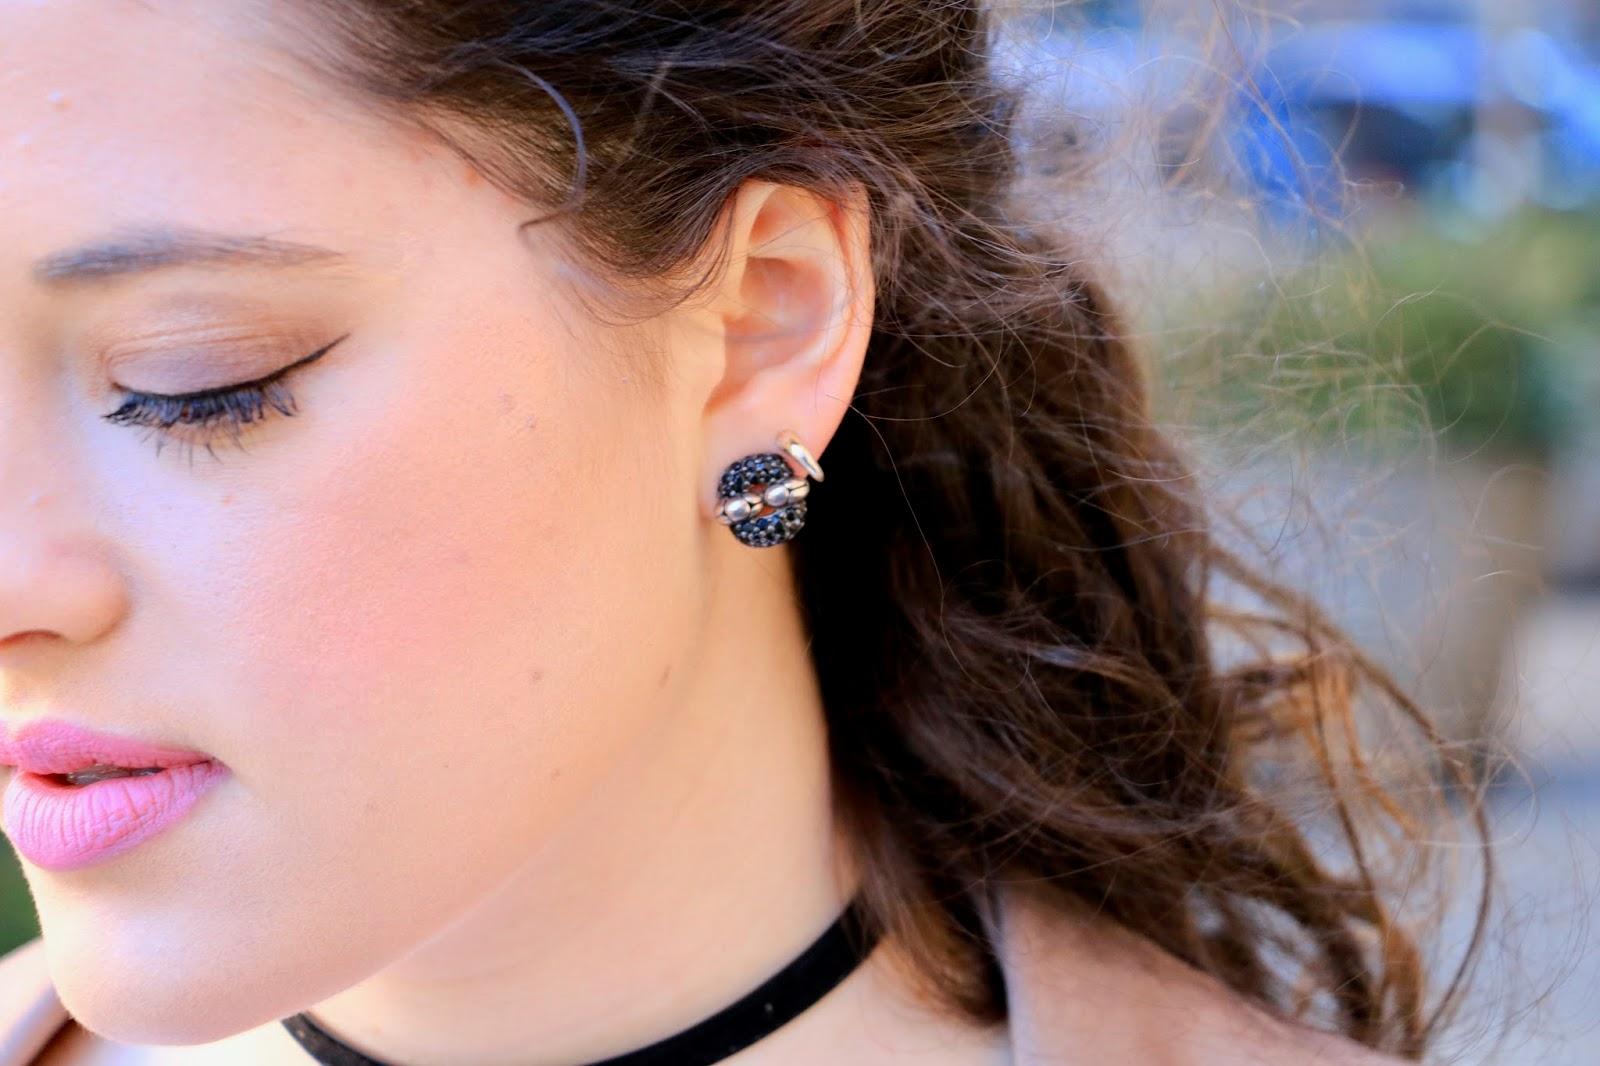 john hardy black earrings